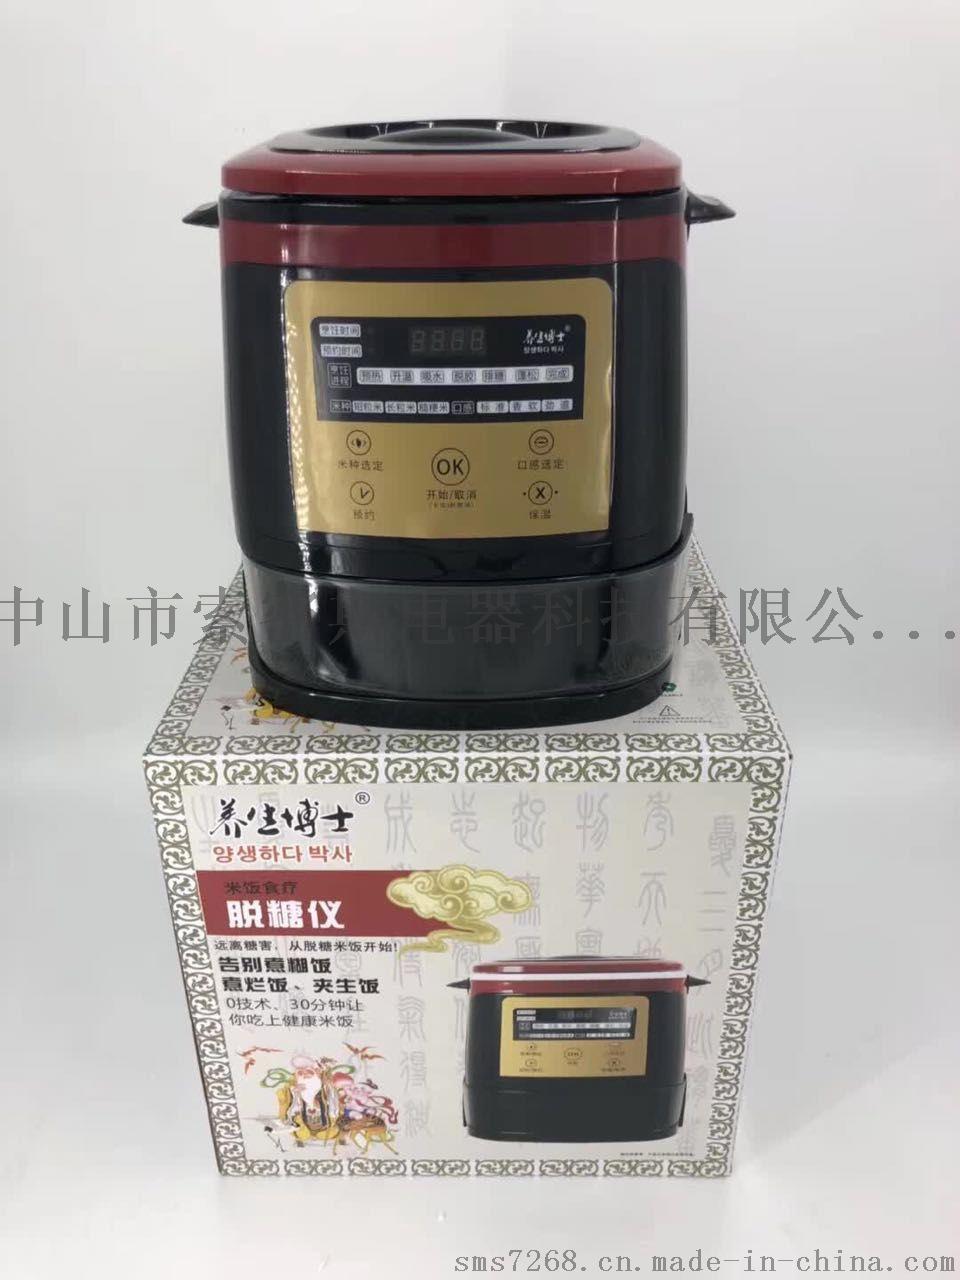 米饭食疗脱糖仪  养生脱糖电饭煲 评点会销礼品773872065